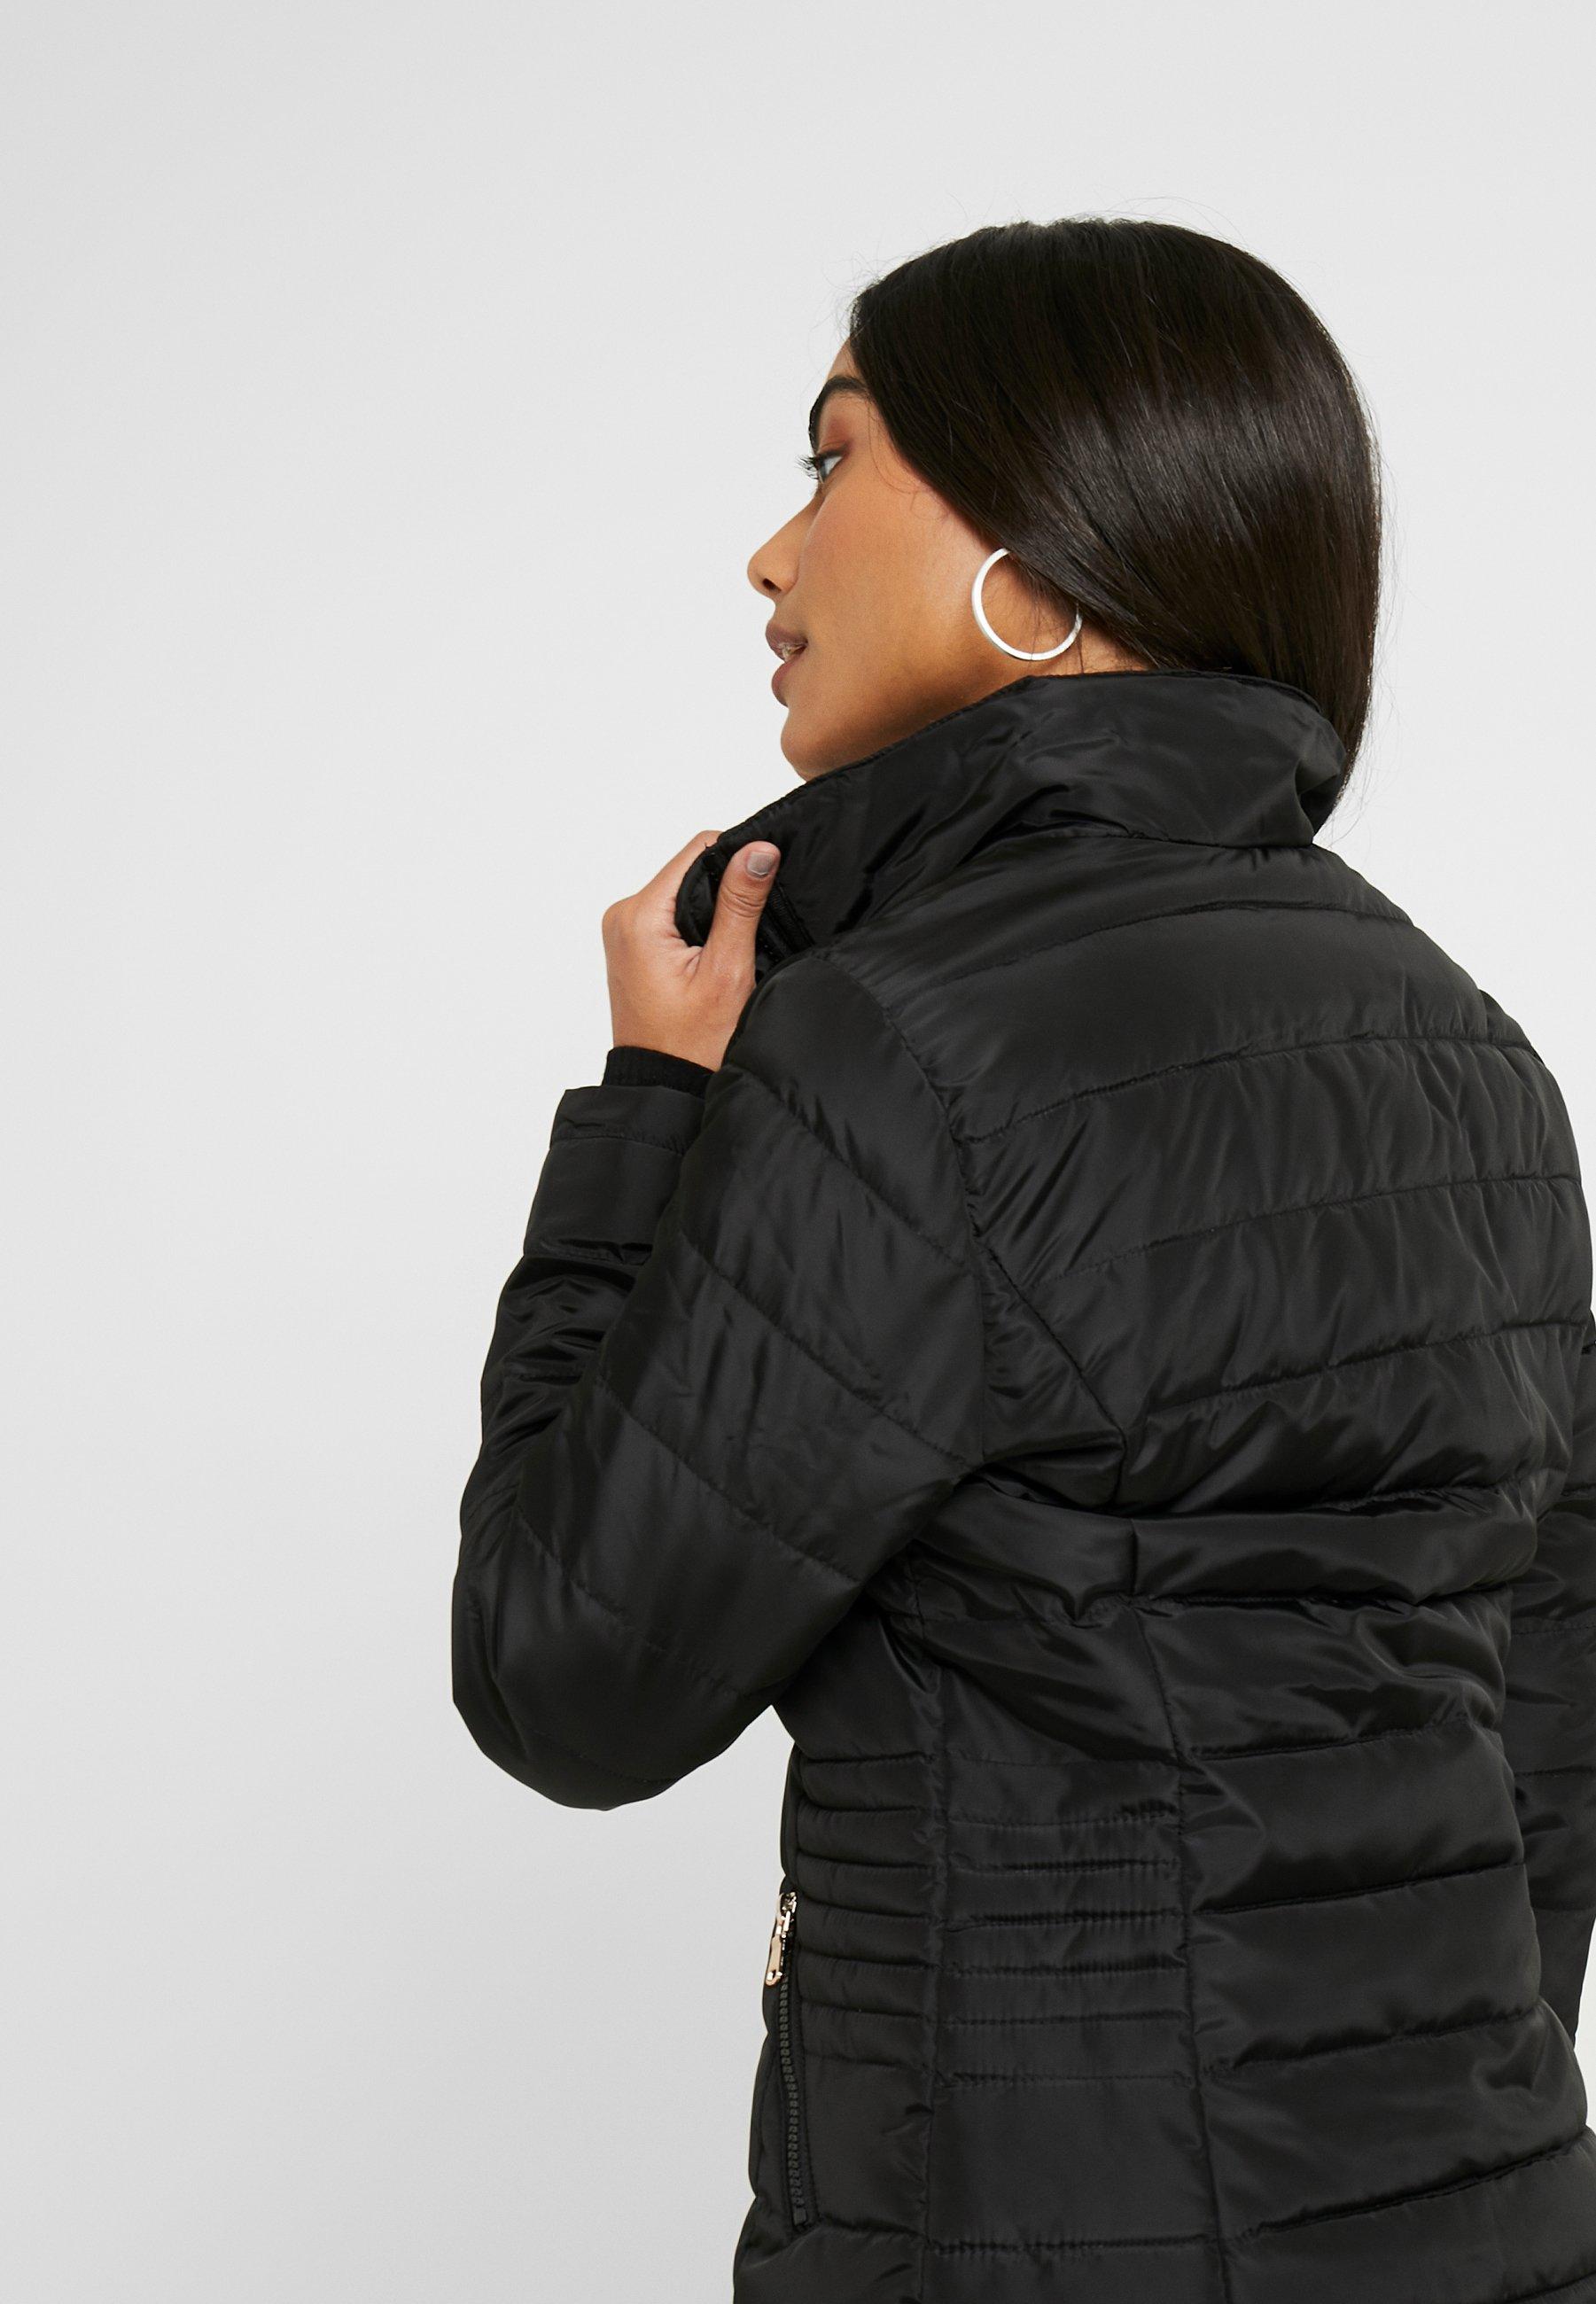 Dorothy Perkins Petite Sustainable Lightweight Short Padded Jacket - Parka Black YITcWFM1